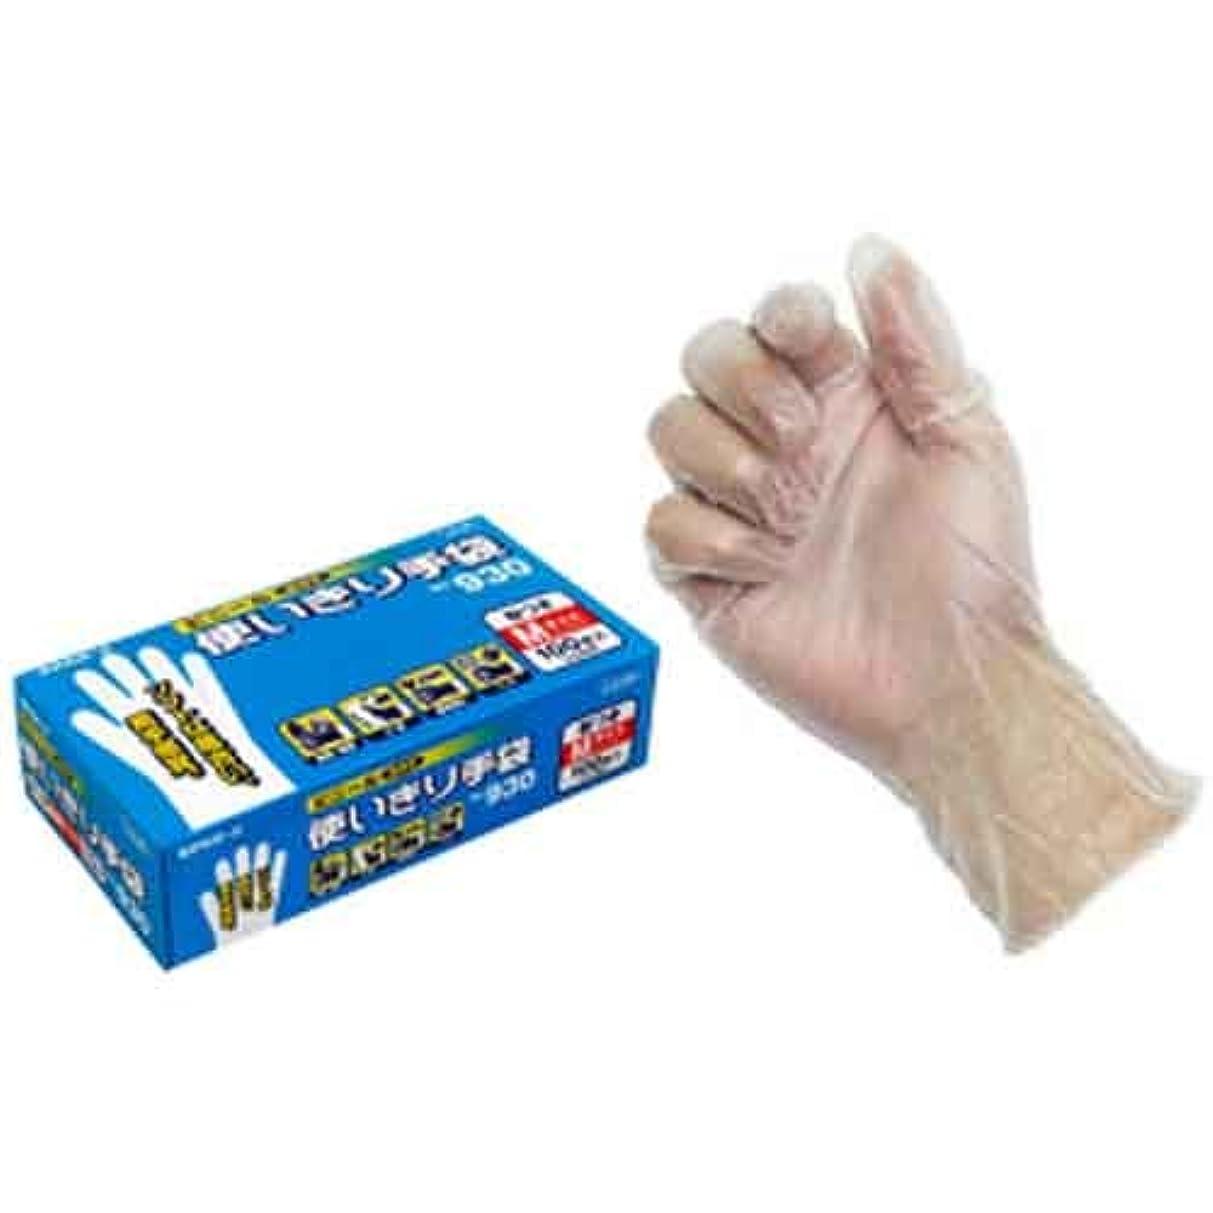 豪華な即席クルーズビニール使いきり手袋(粉付)100枚入(箱) 930 M